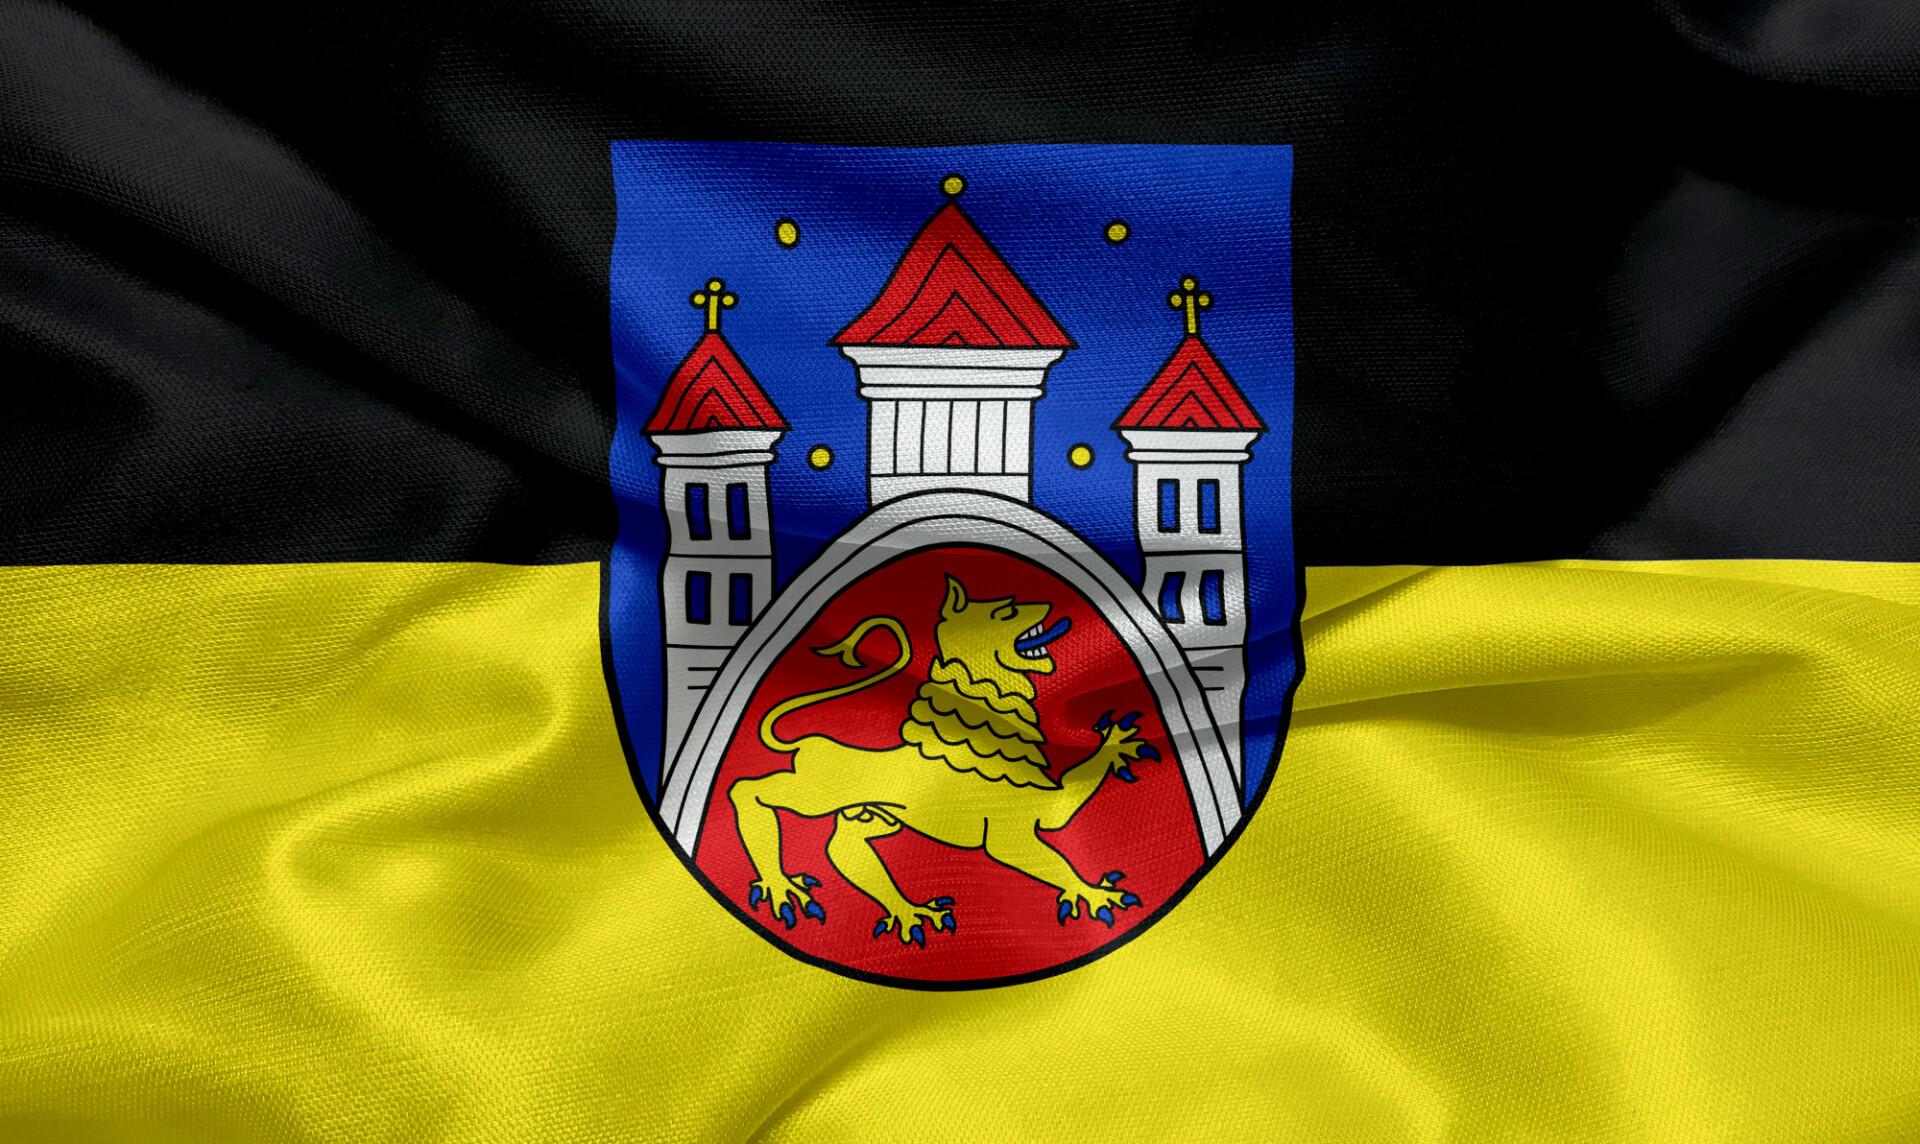 Flag of the city of Göttingen